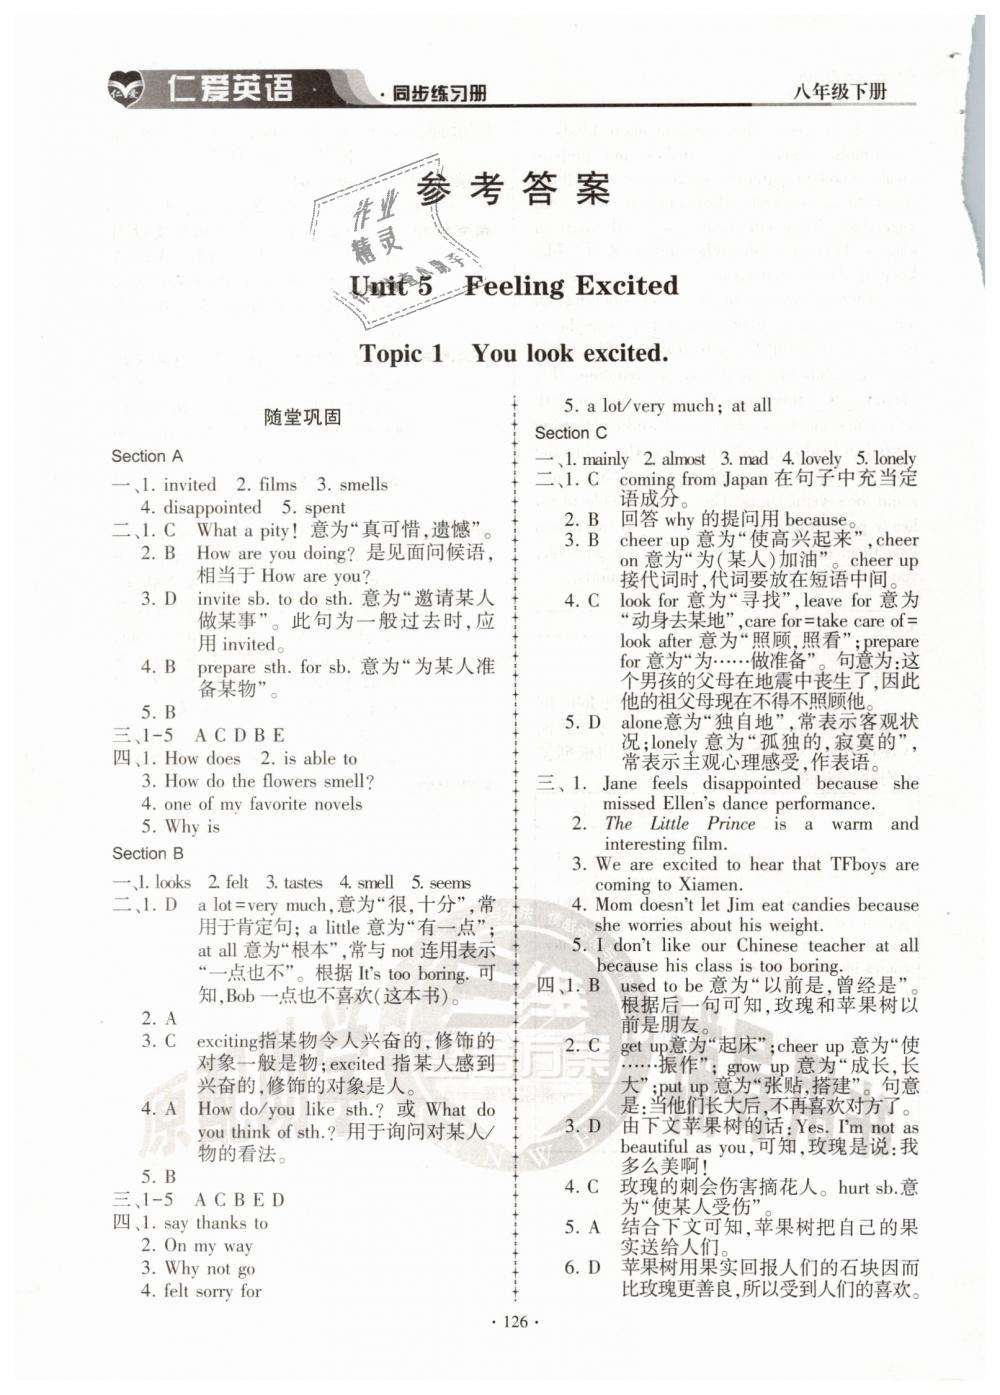 2019年仁爱英语同步练习册八年级英语下册第1页